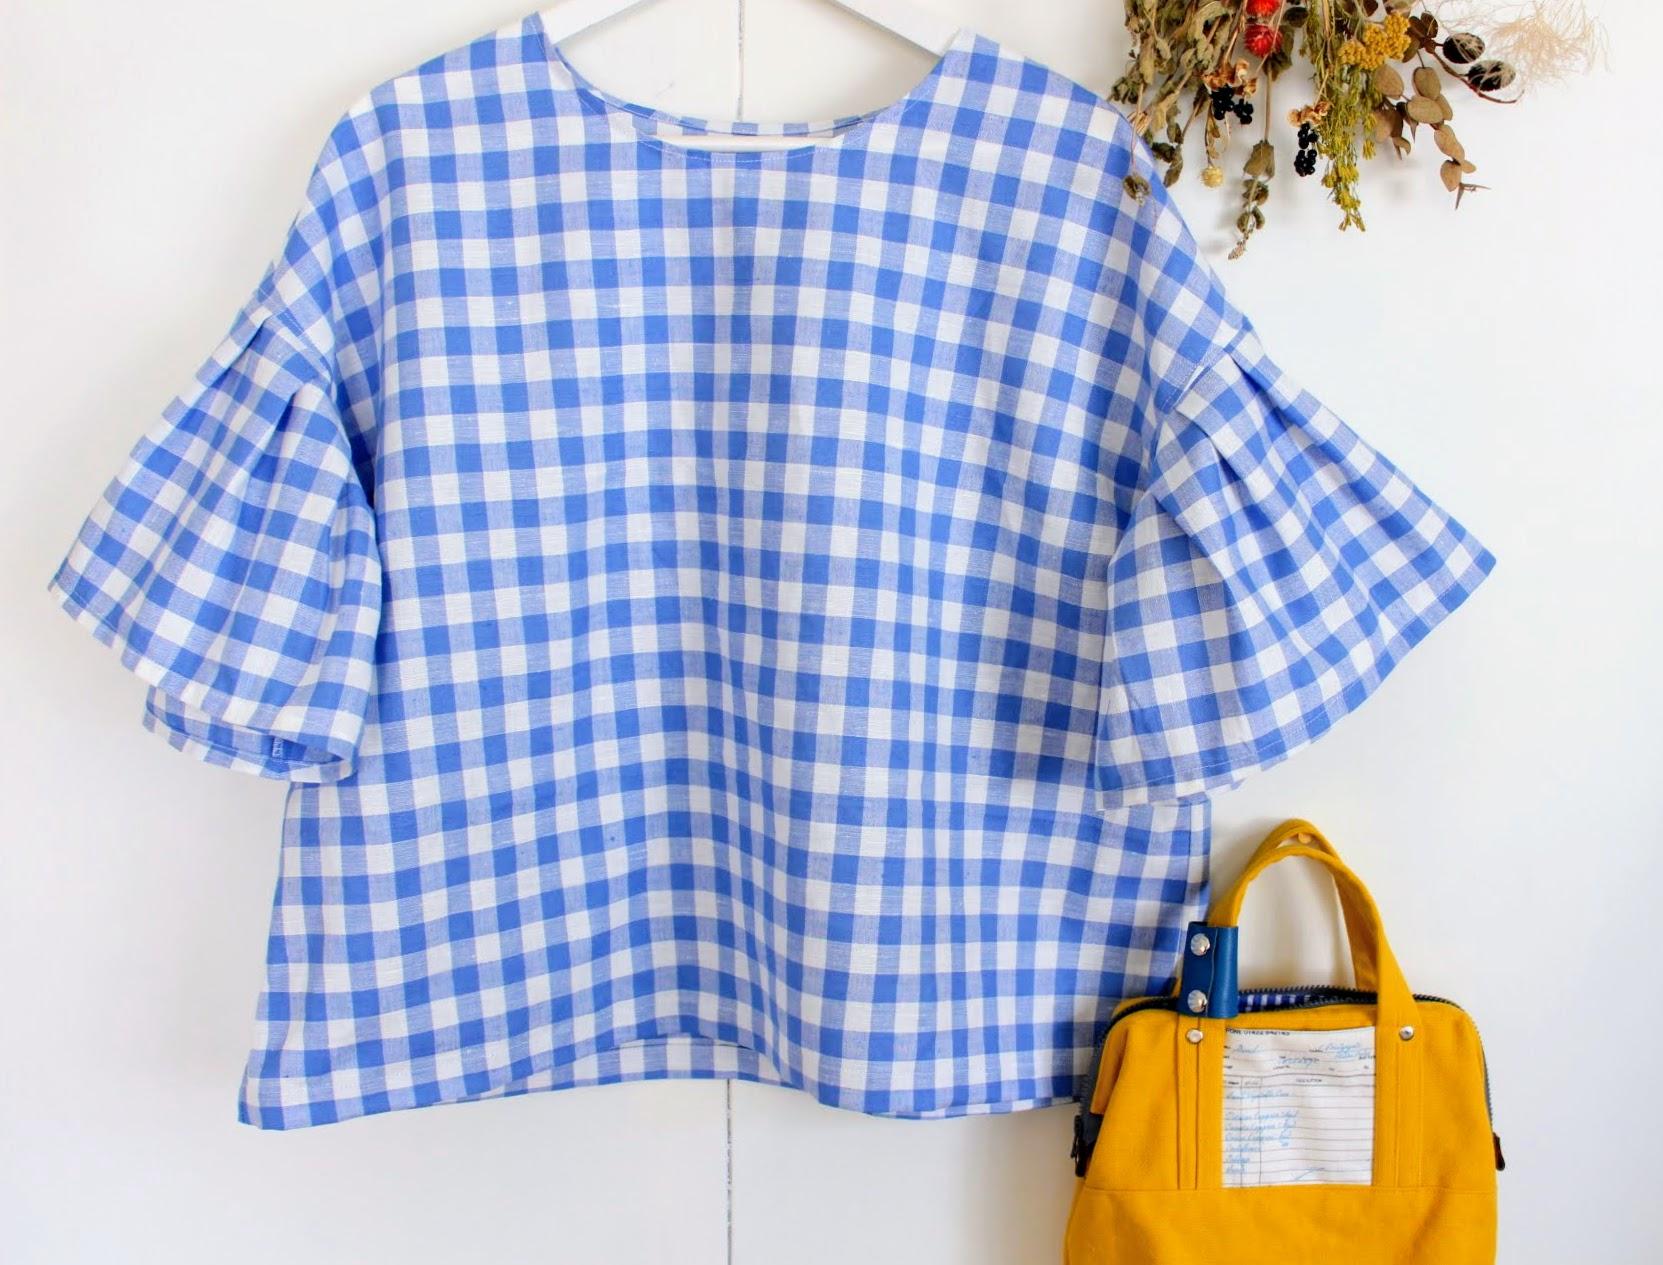 夏のブラウス。ふんわりお袖のブラウス。どの色のリネンがいいかな?